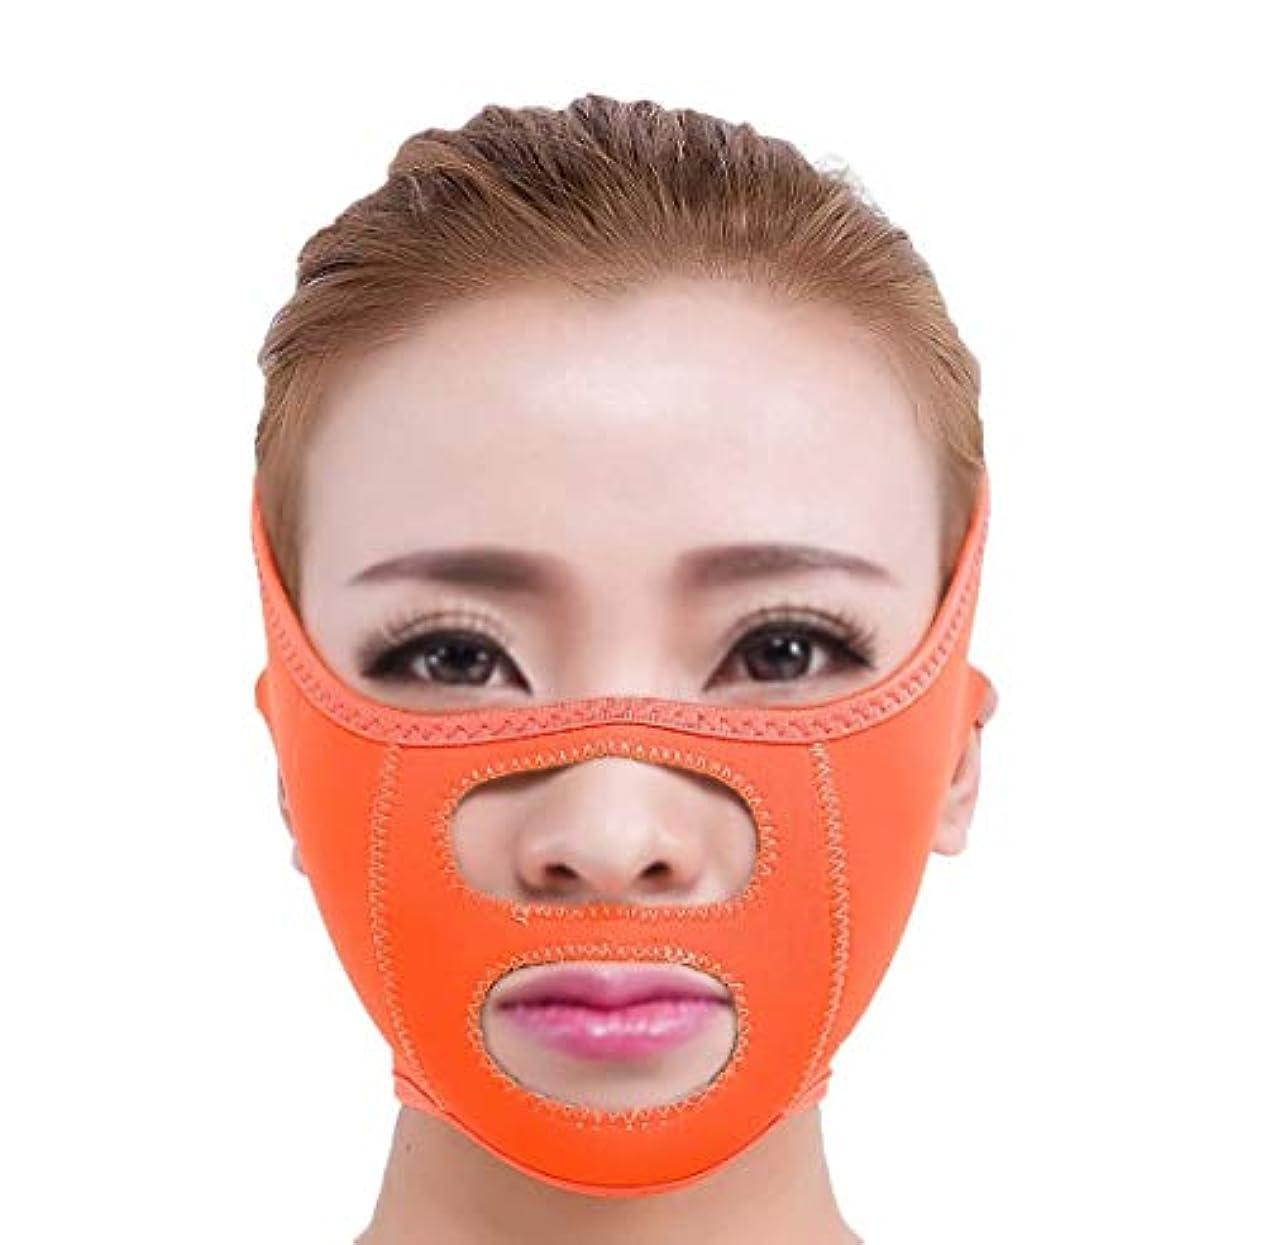 ロッカーロッカーグリットHEMFV 顔の頬のV形状は、通気性の圧縮二重あごが包帯を減らしてスムーズな薄いマスクストラップフェイスラインをリフトアップ (Color : Orange)